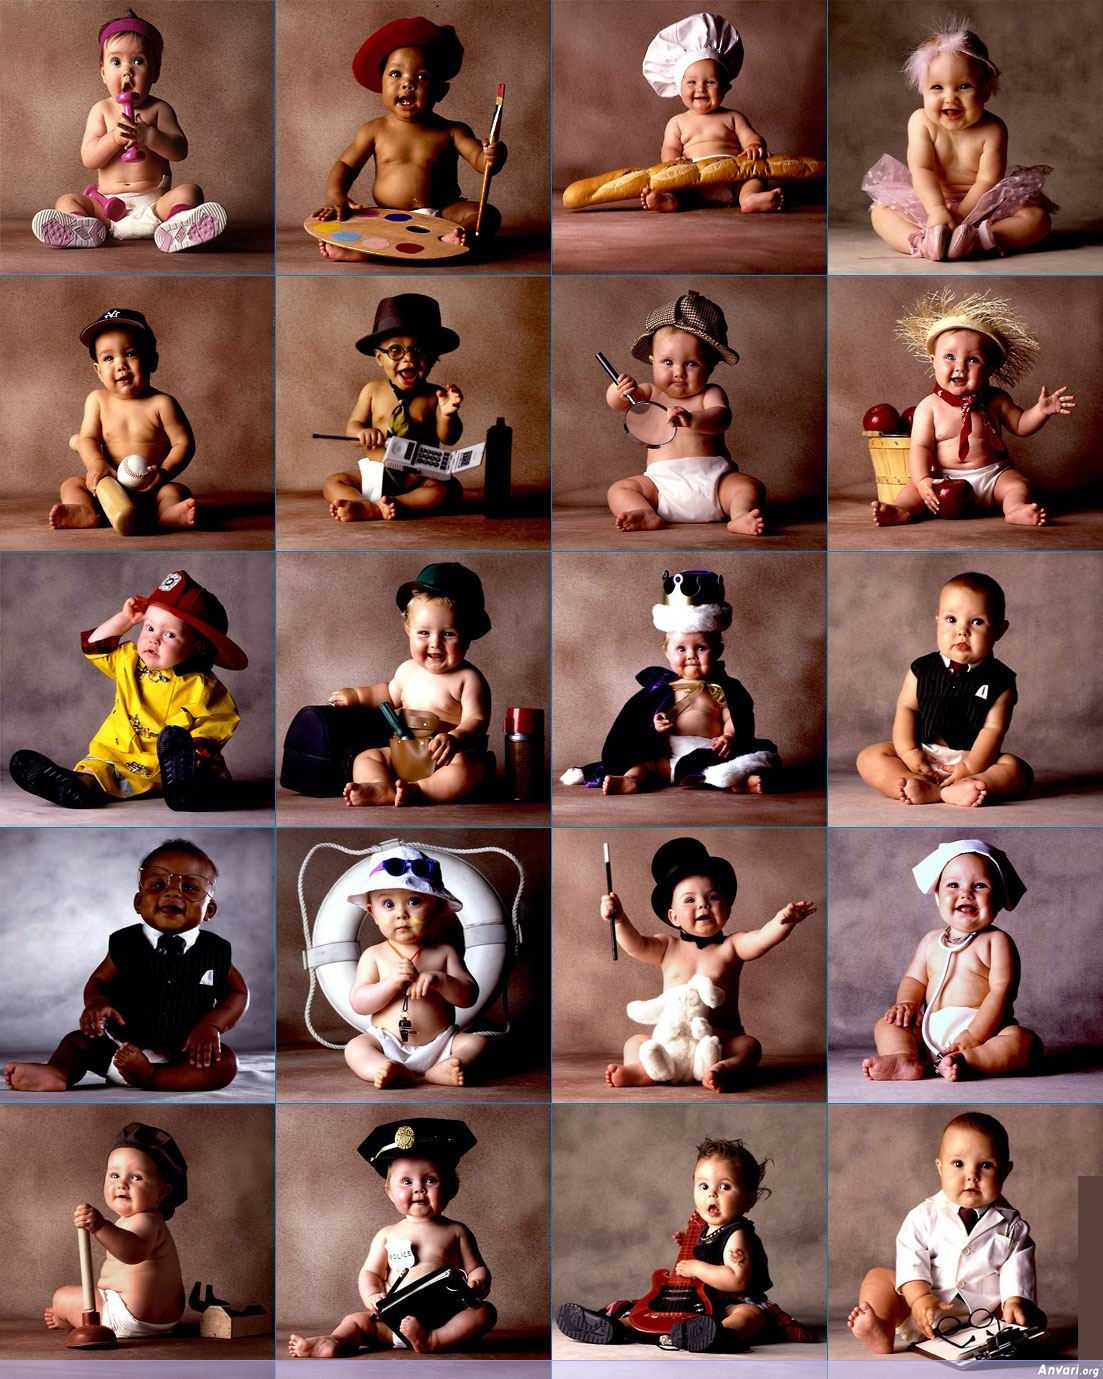 Cute_Babies.jpg